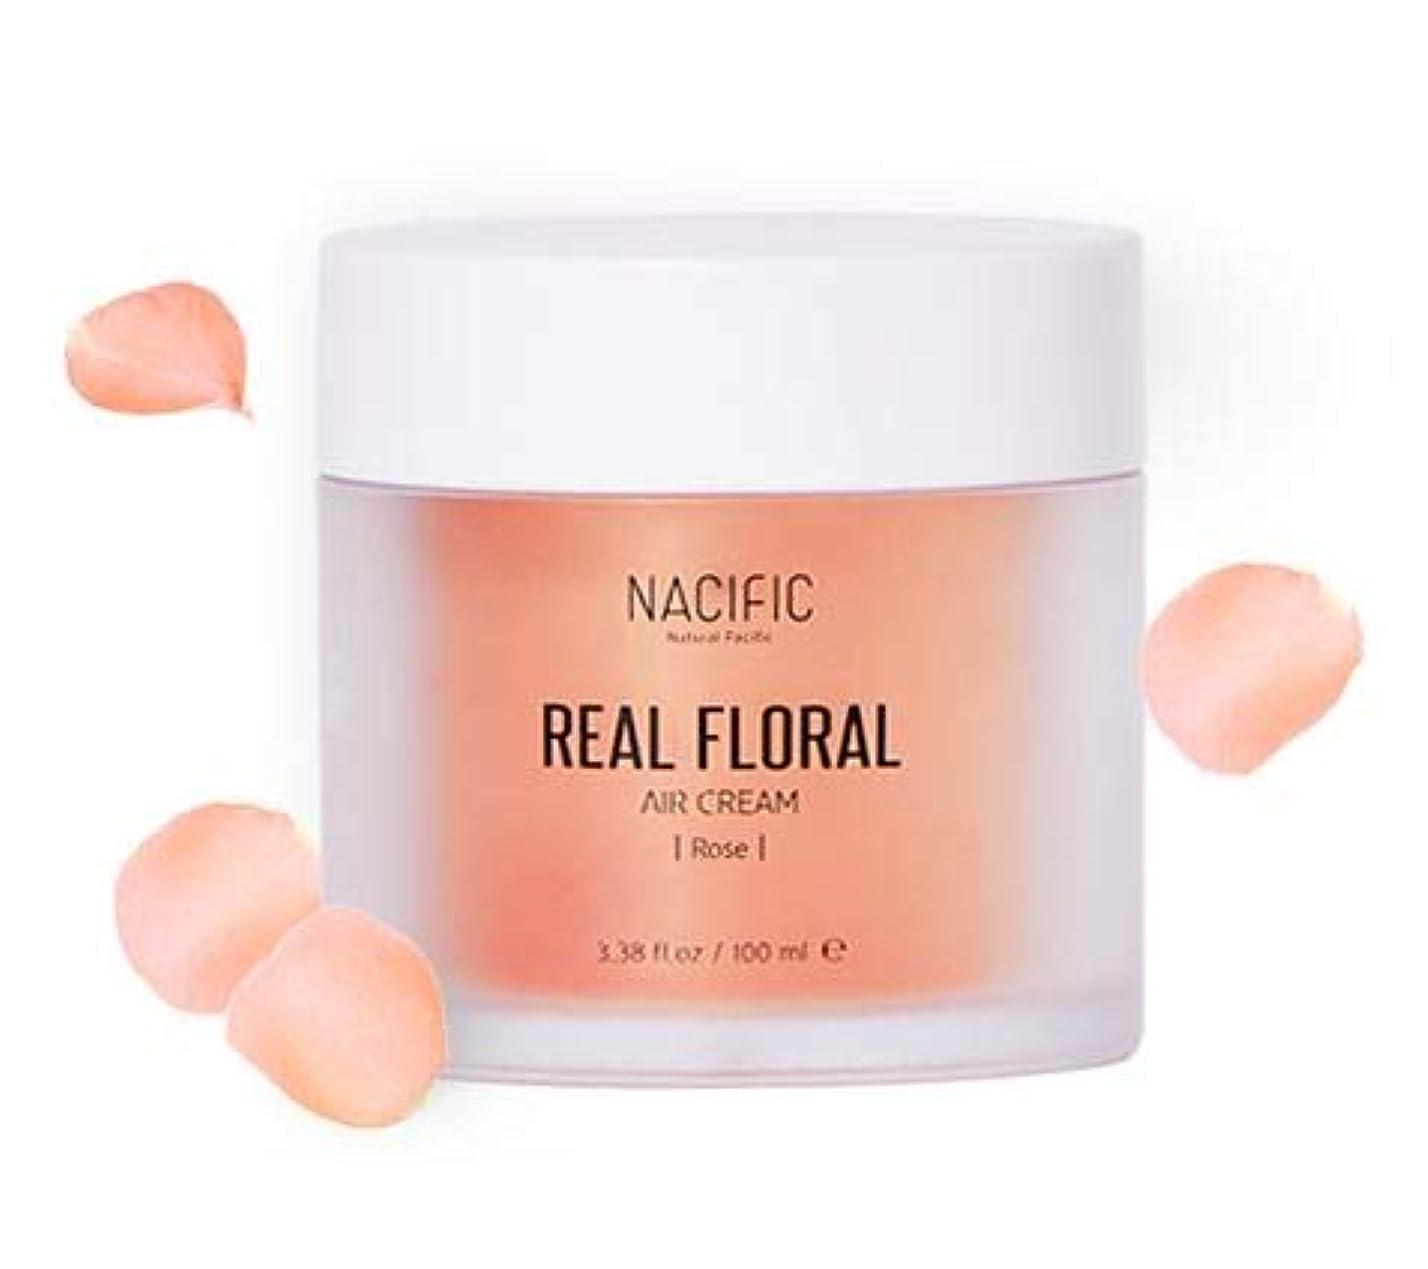 ジャンピングジャックスポンサーインサート[ NACIFIC ] Real Rose Floral Air Cream 100ml (Rose) / [ナシフィック] リアル (ローズ エア クリーム) 100ml [並行輸入品]